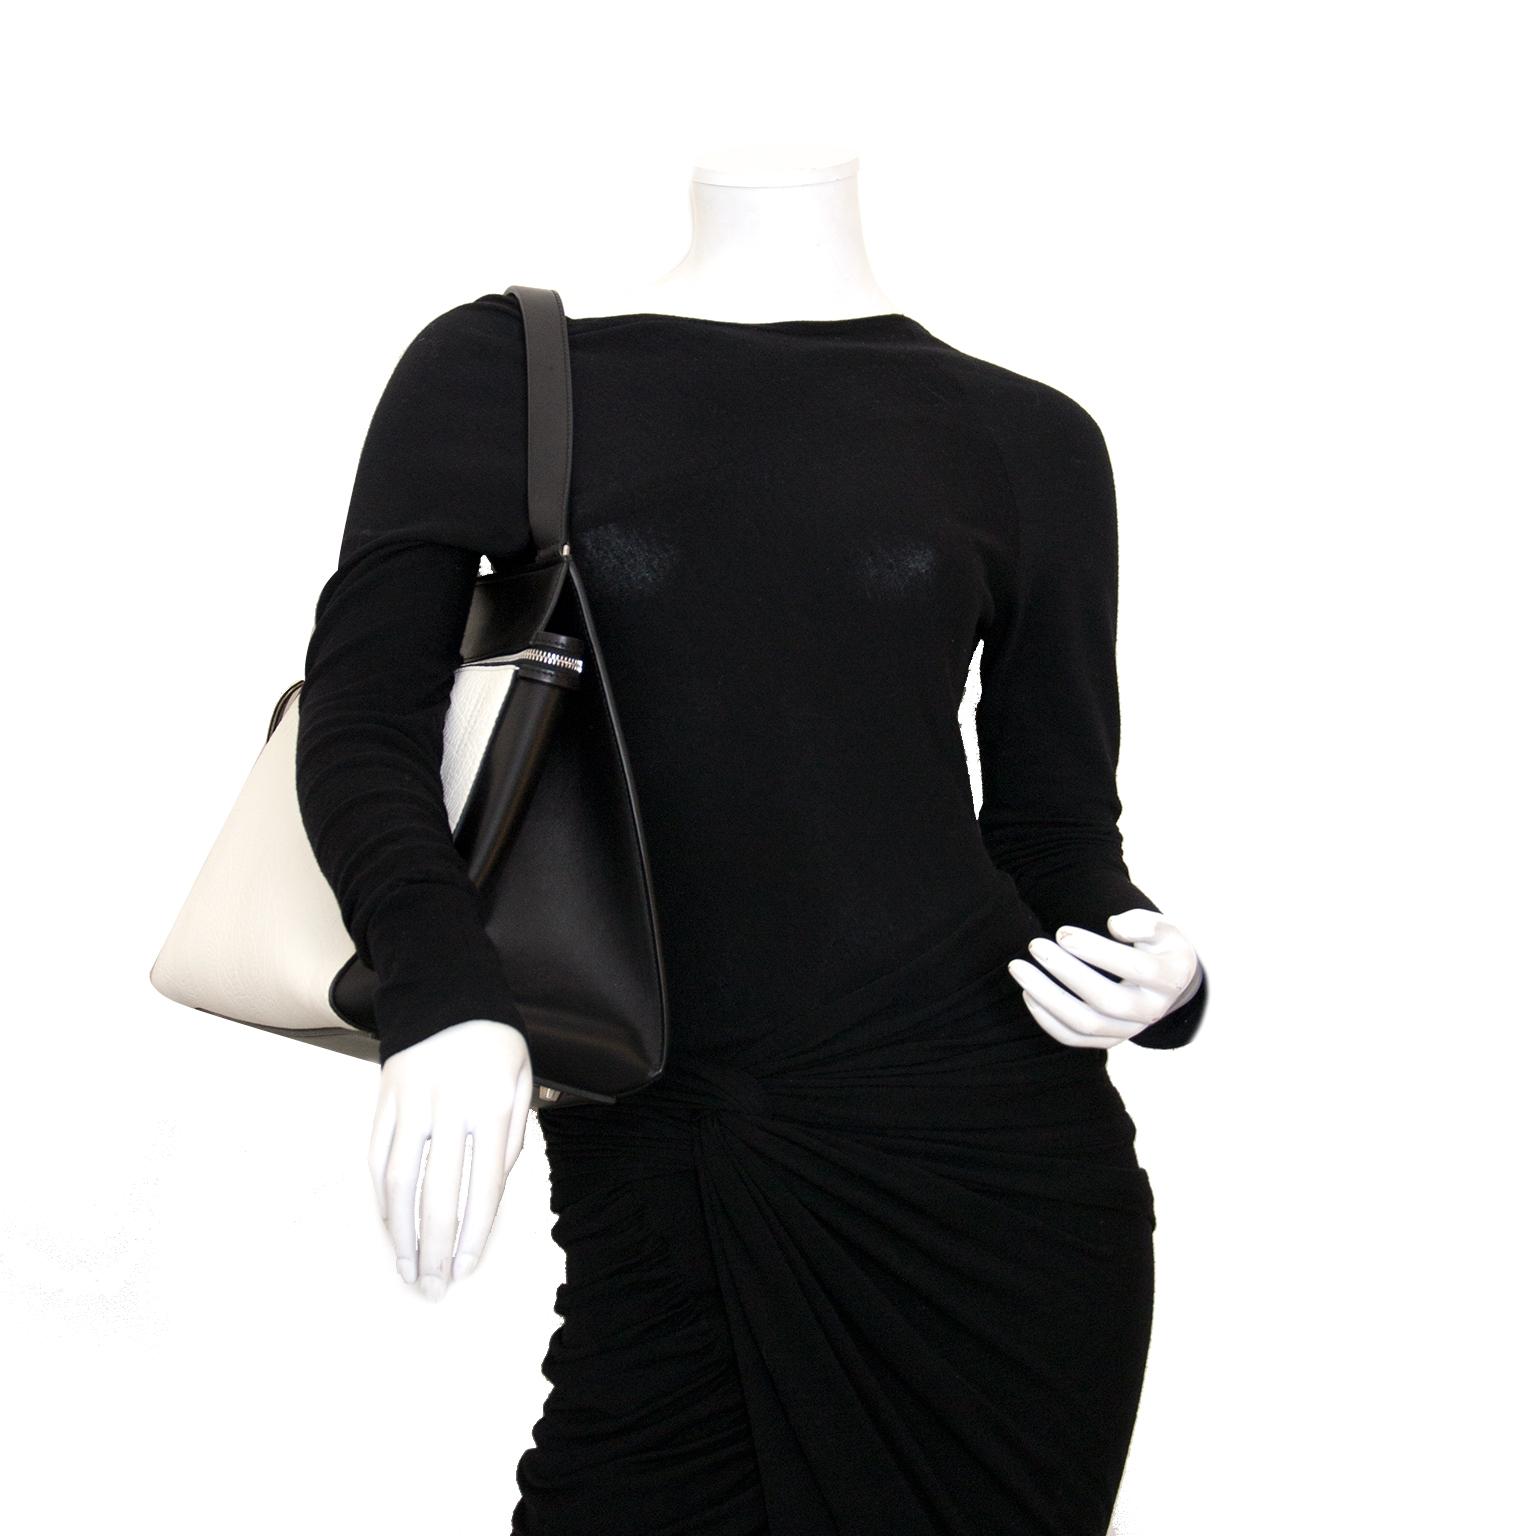 Koop en verkoop uw authentieke designer handtassen van Céline aan de beste prijs